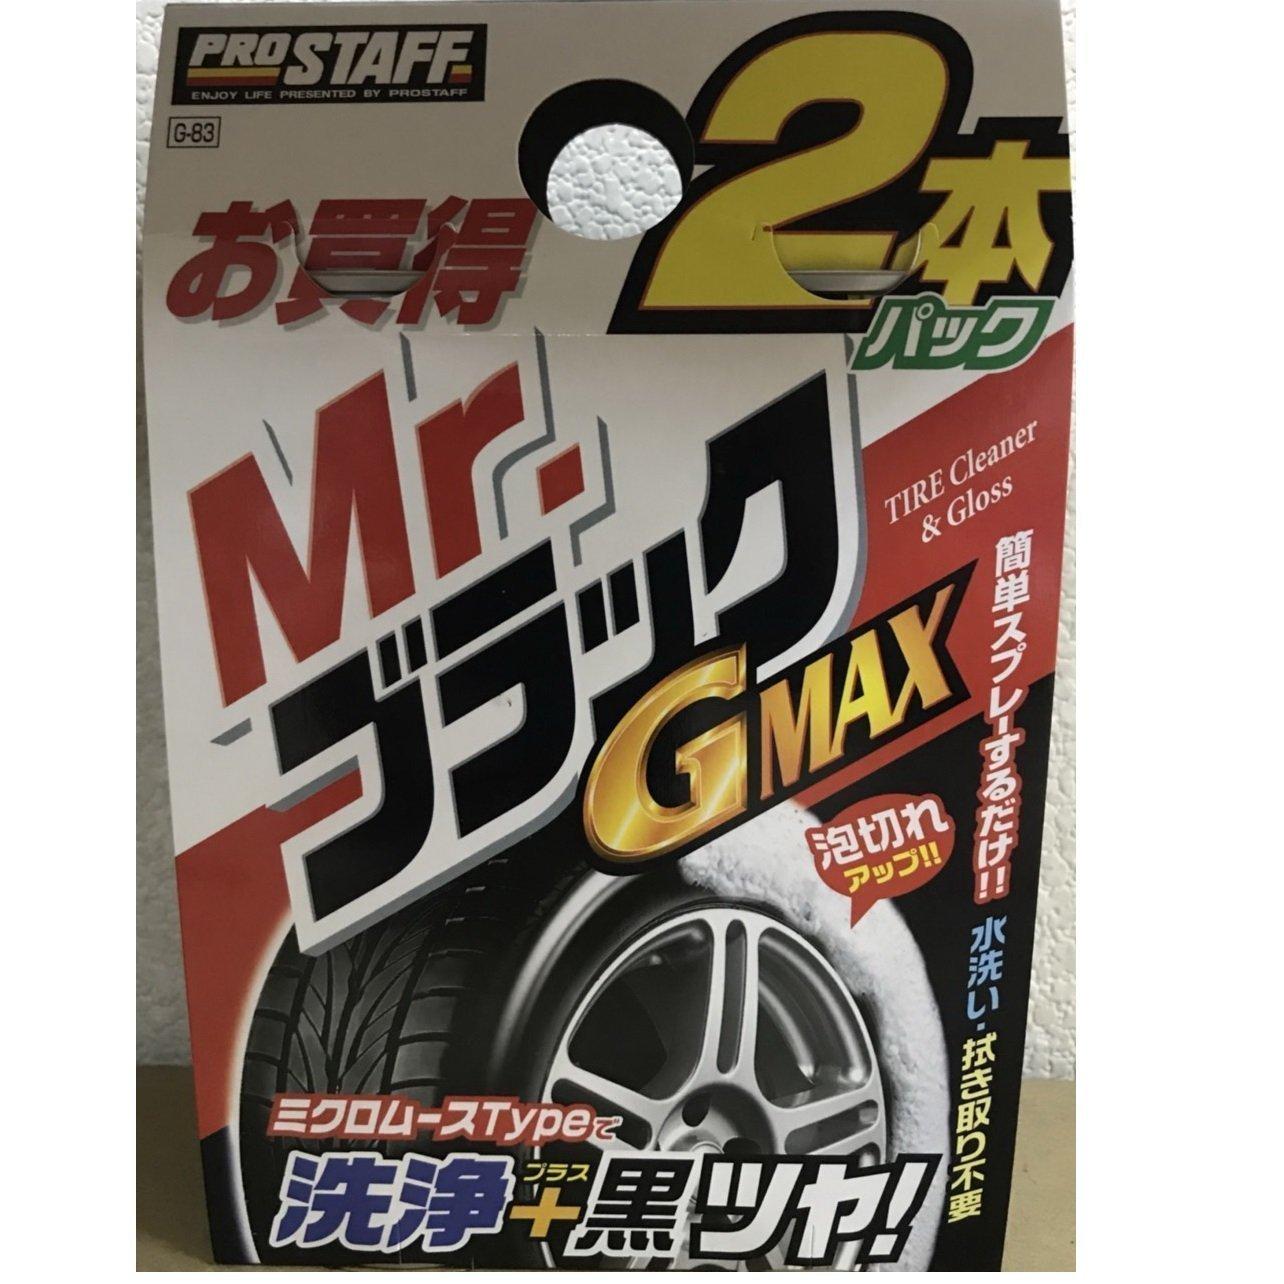 【益迅汽車】Prostaff G-83 汽車輪胎泡沫清潔劑 不須水洗 擦拭 自然光亮 2入組